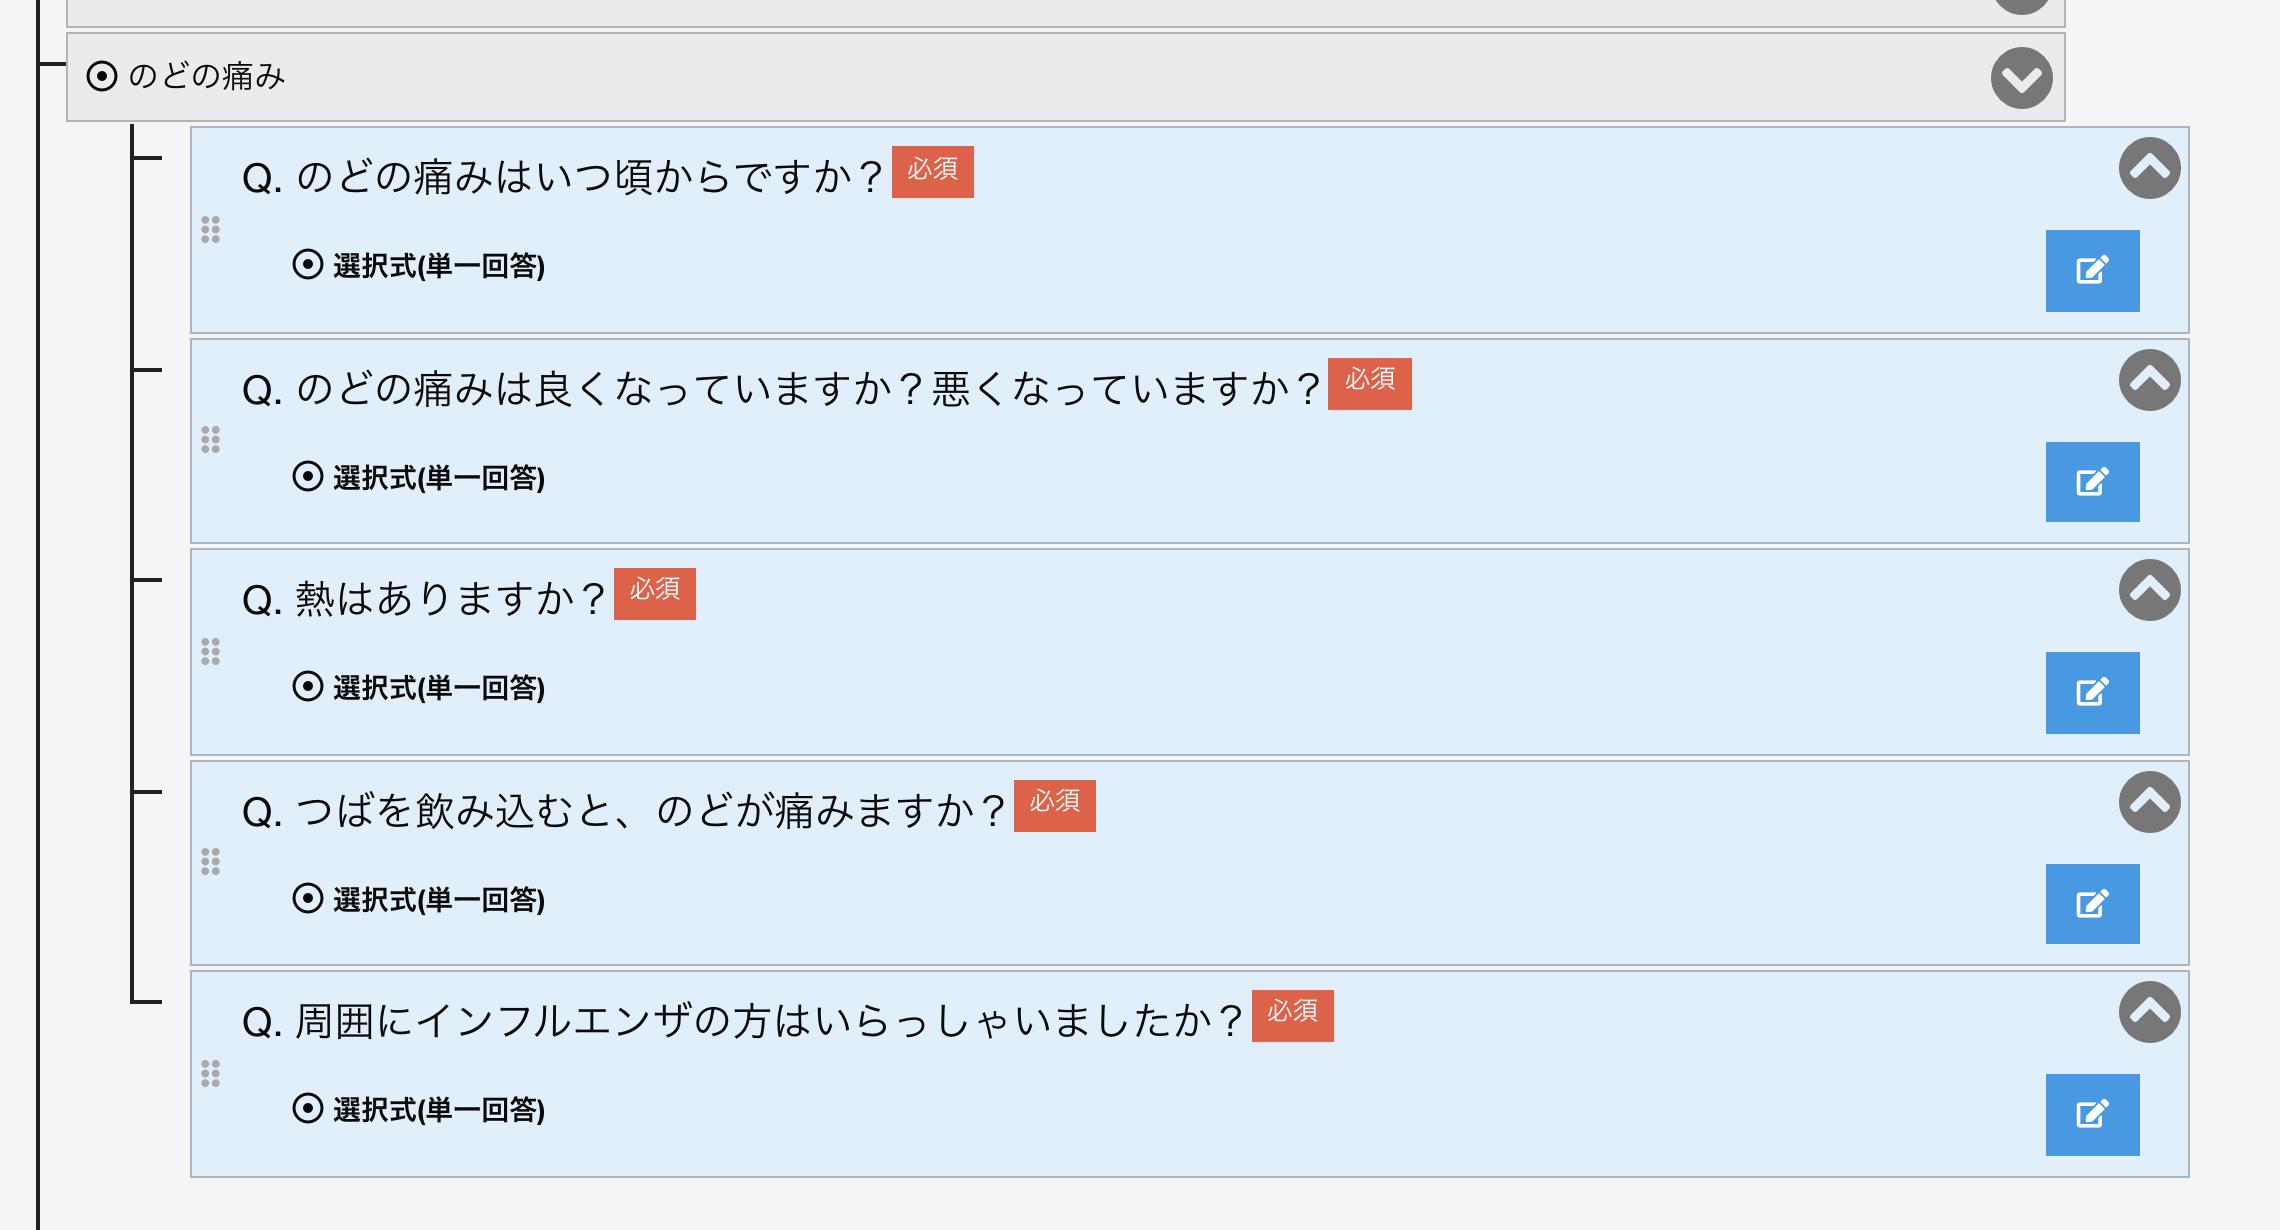 kinshicho-heart-monshin-13